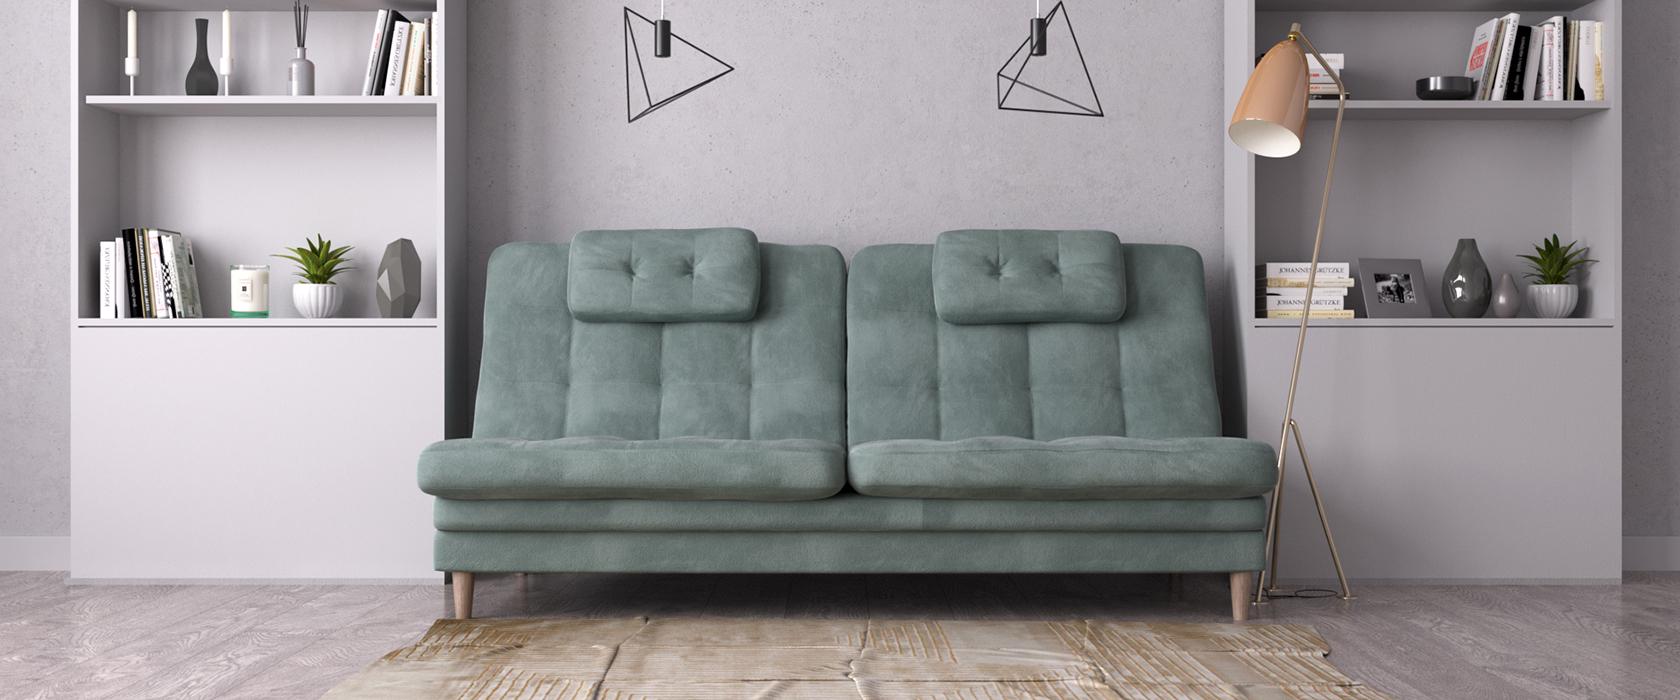 Трехместный диван Dino - Фото 2 - Pufetto